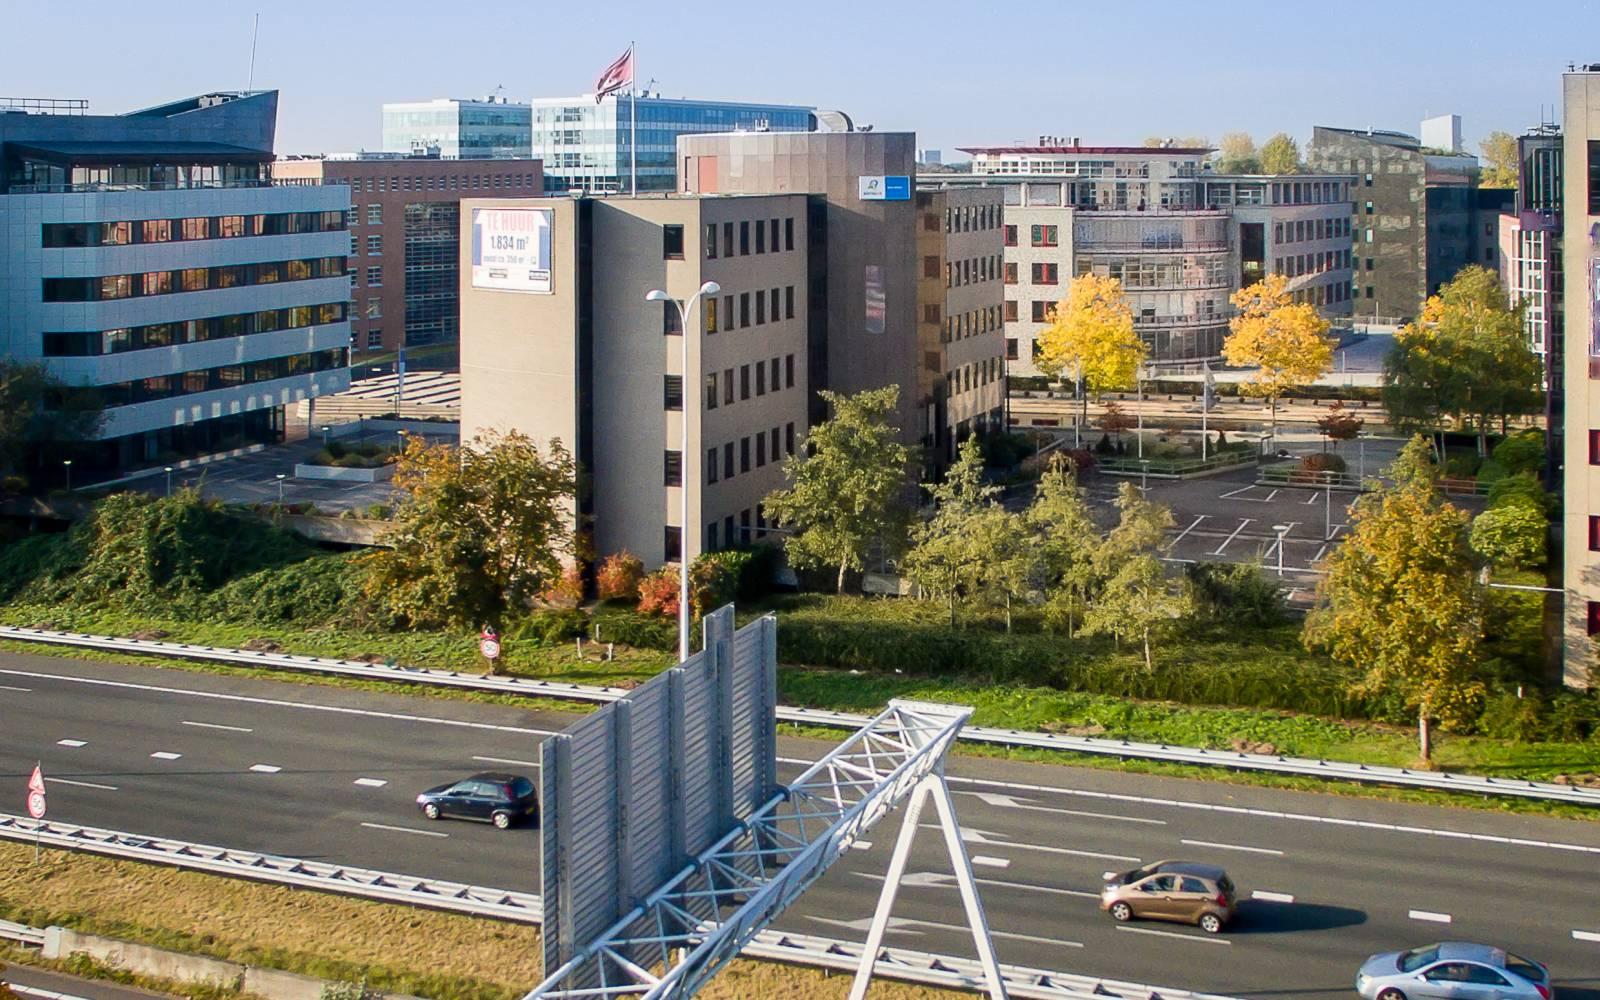 Afbeeldingsresultaat voor site:ilocate.nl